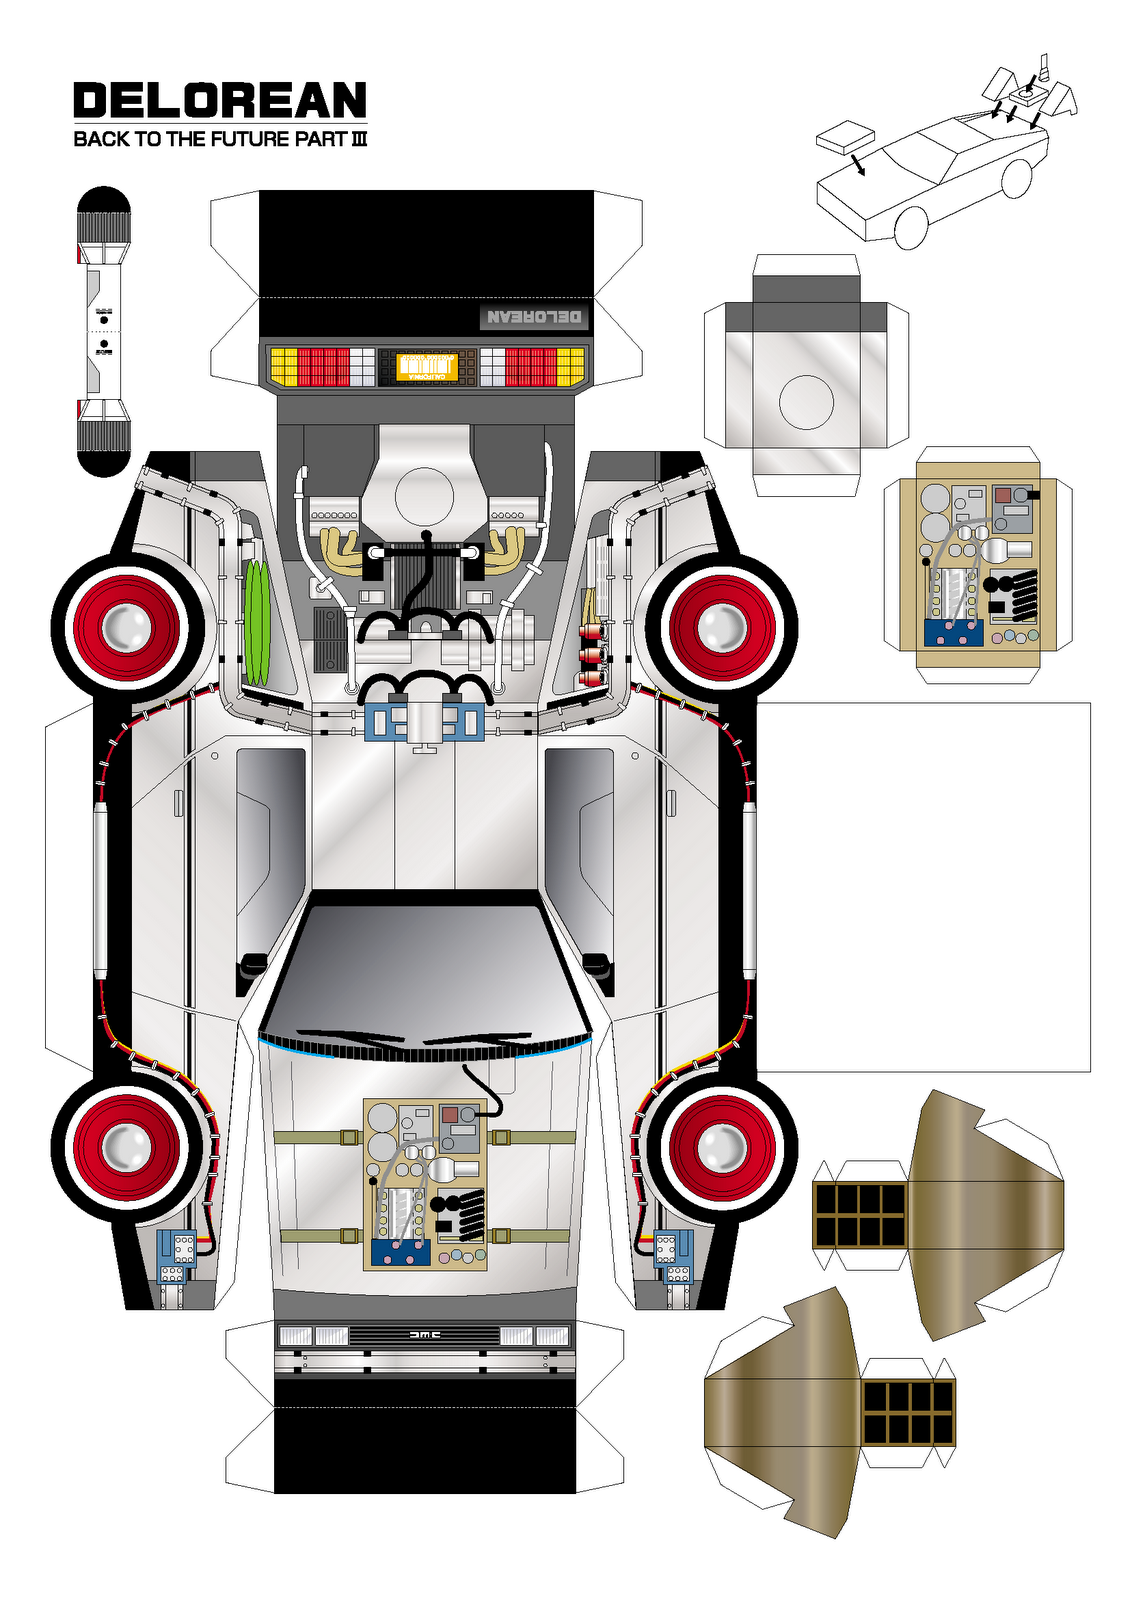 Endor Toys Los 1 18 De Volver Al Futuro